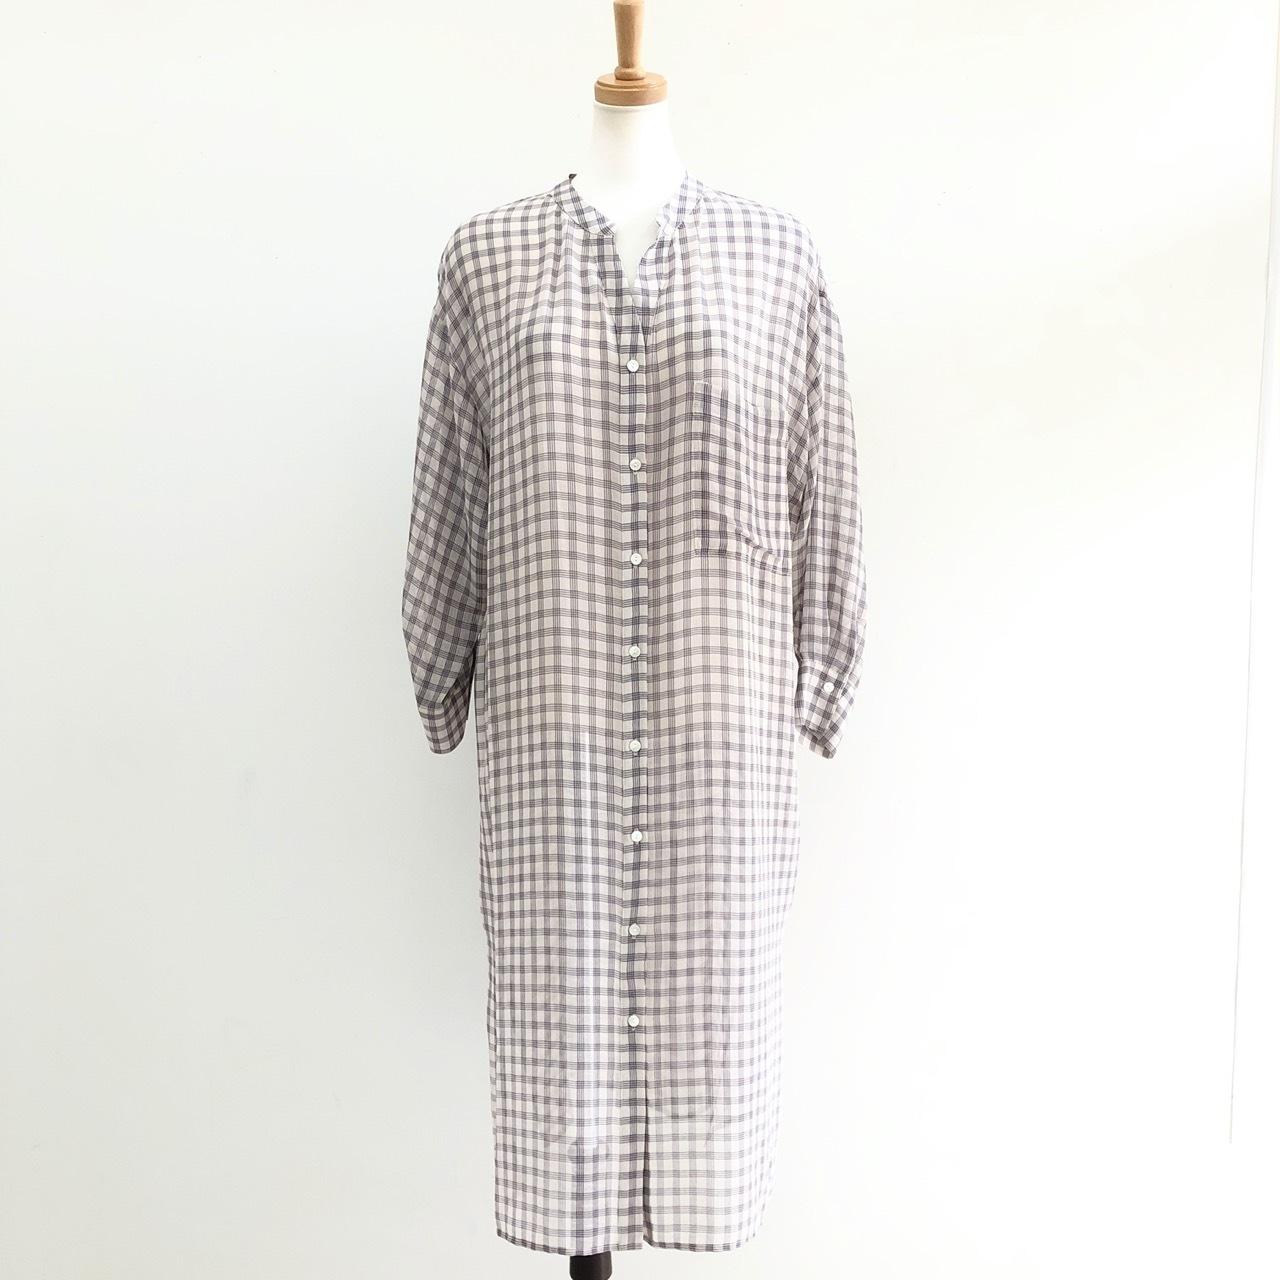 【 Chignonstar 】- 5201-060 - シャーリングシャツ OP/CK